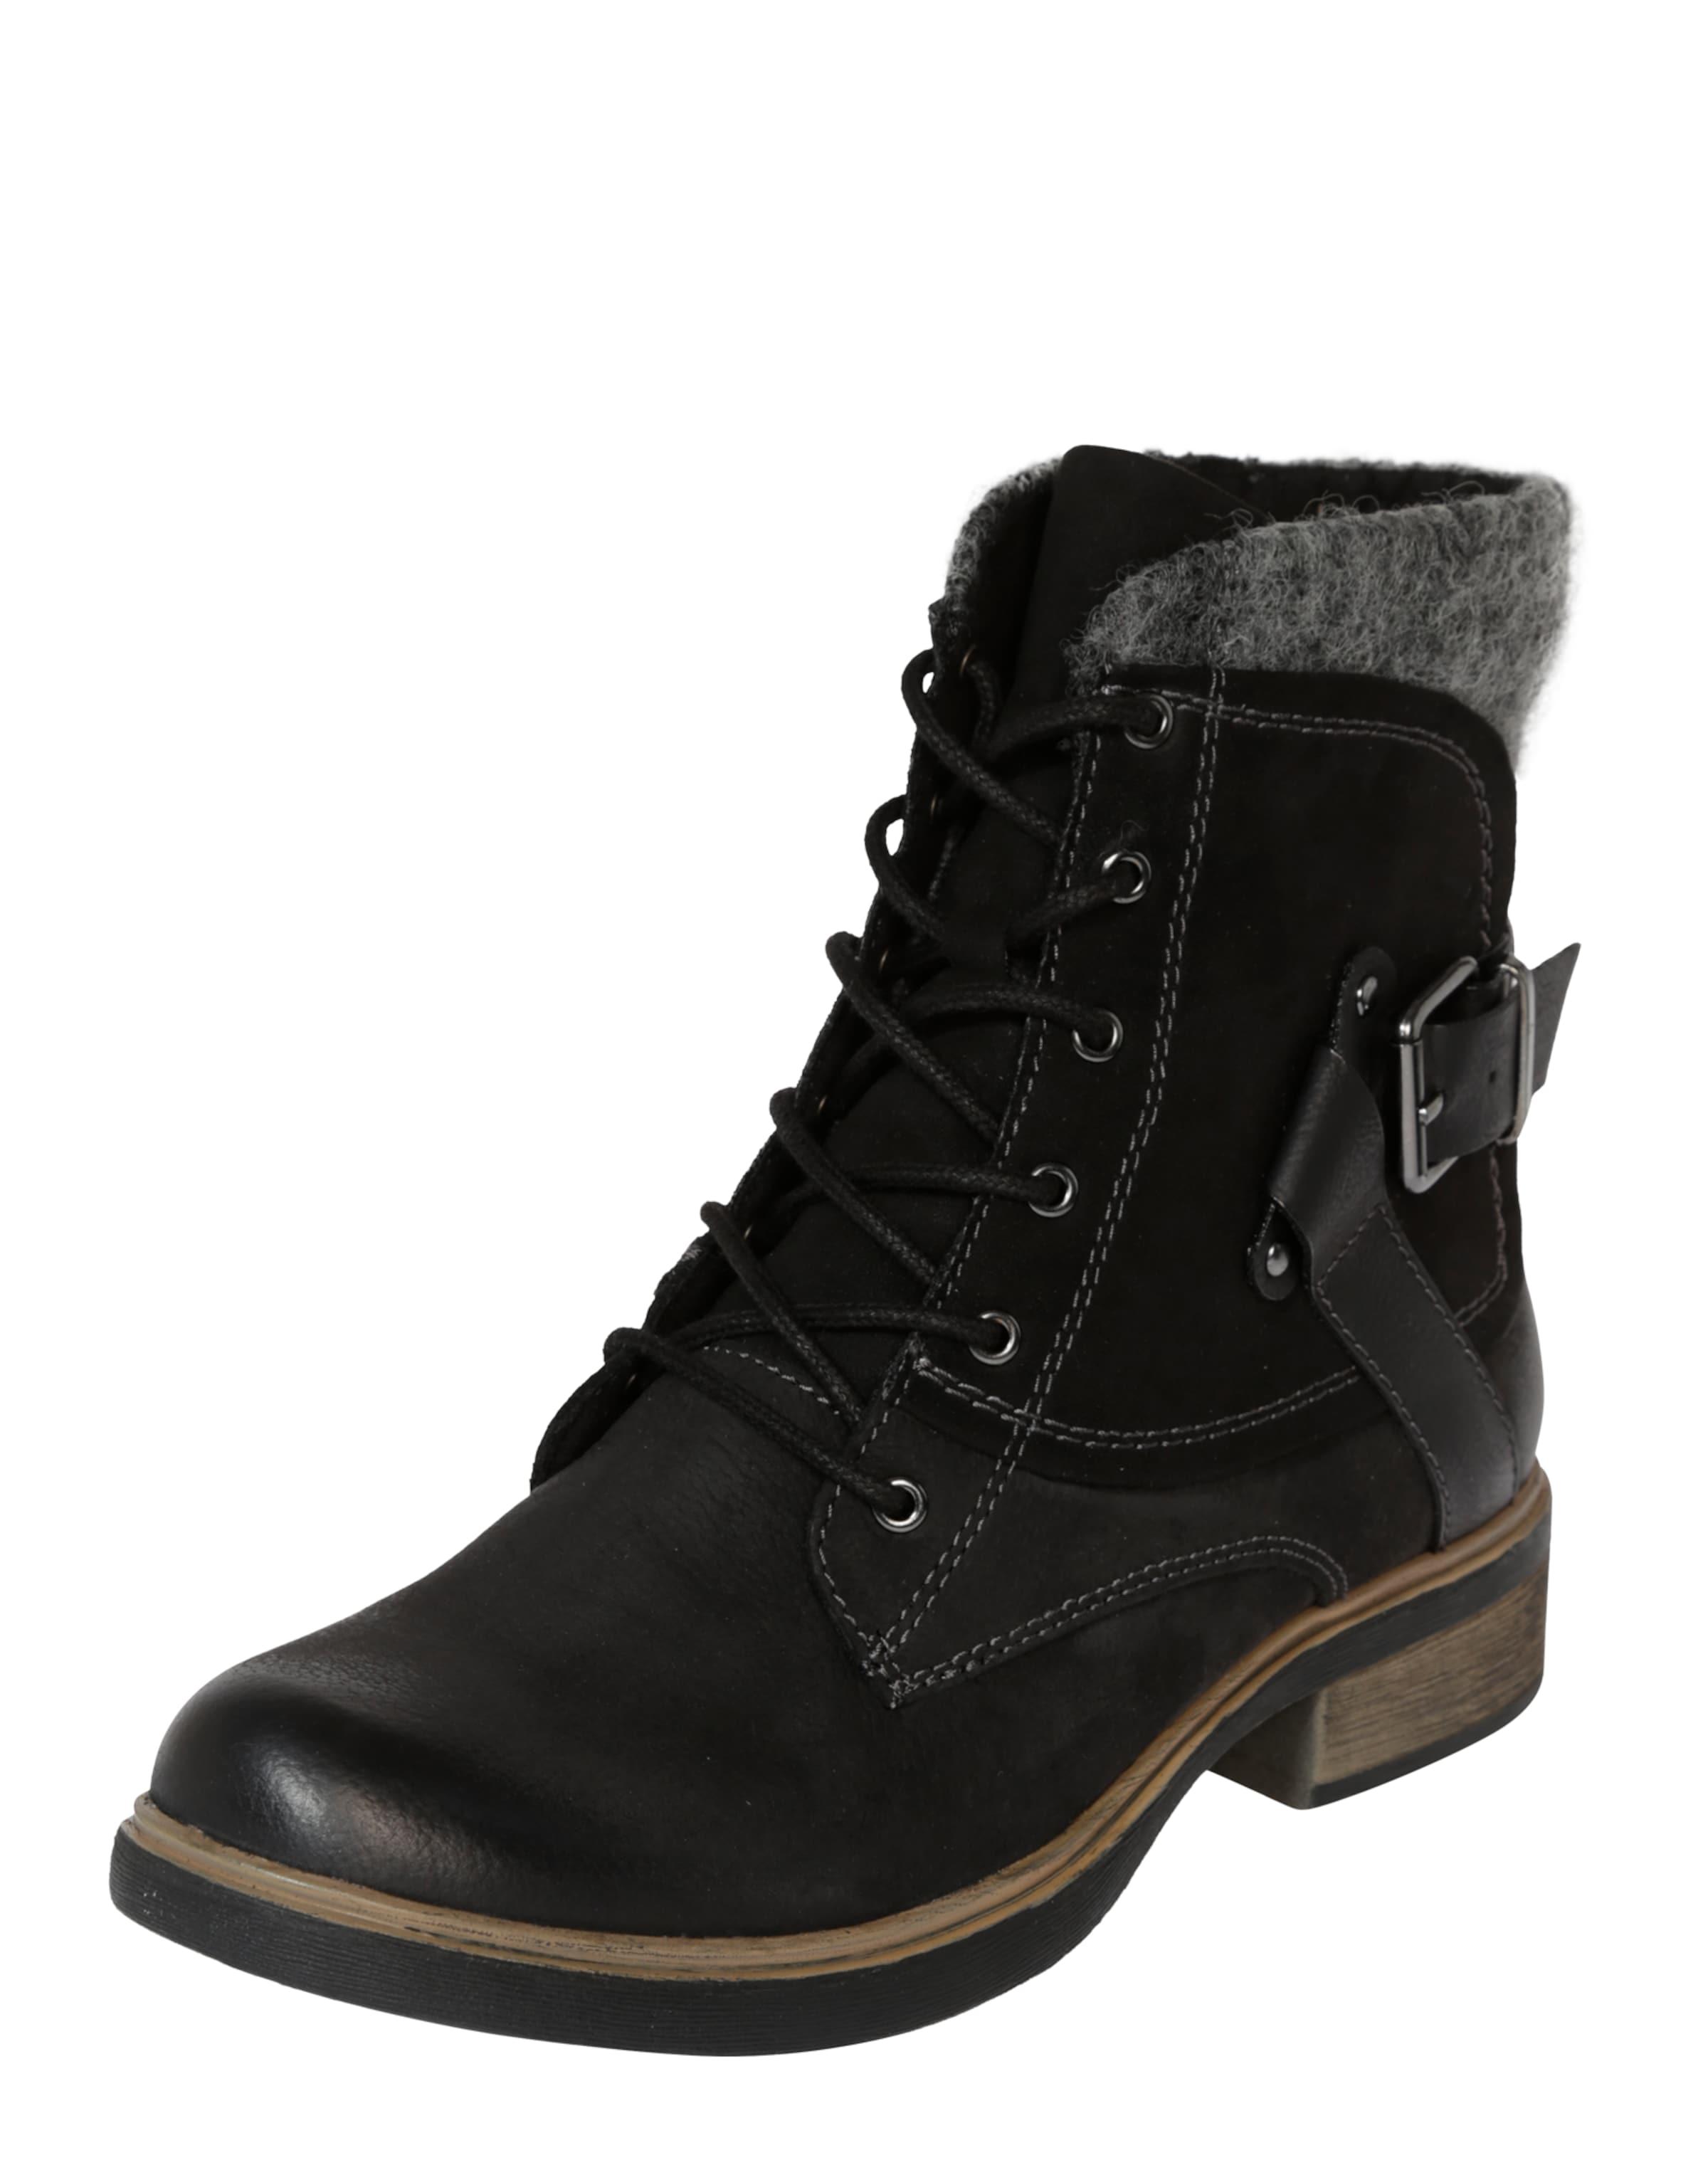 TAMARIS Schnürstiefel mit Nieten Verschleißfeste billige Schuhe